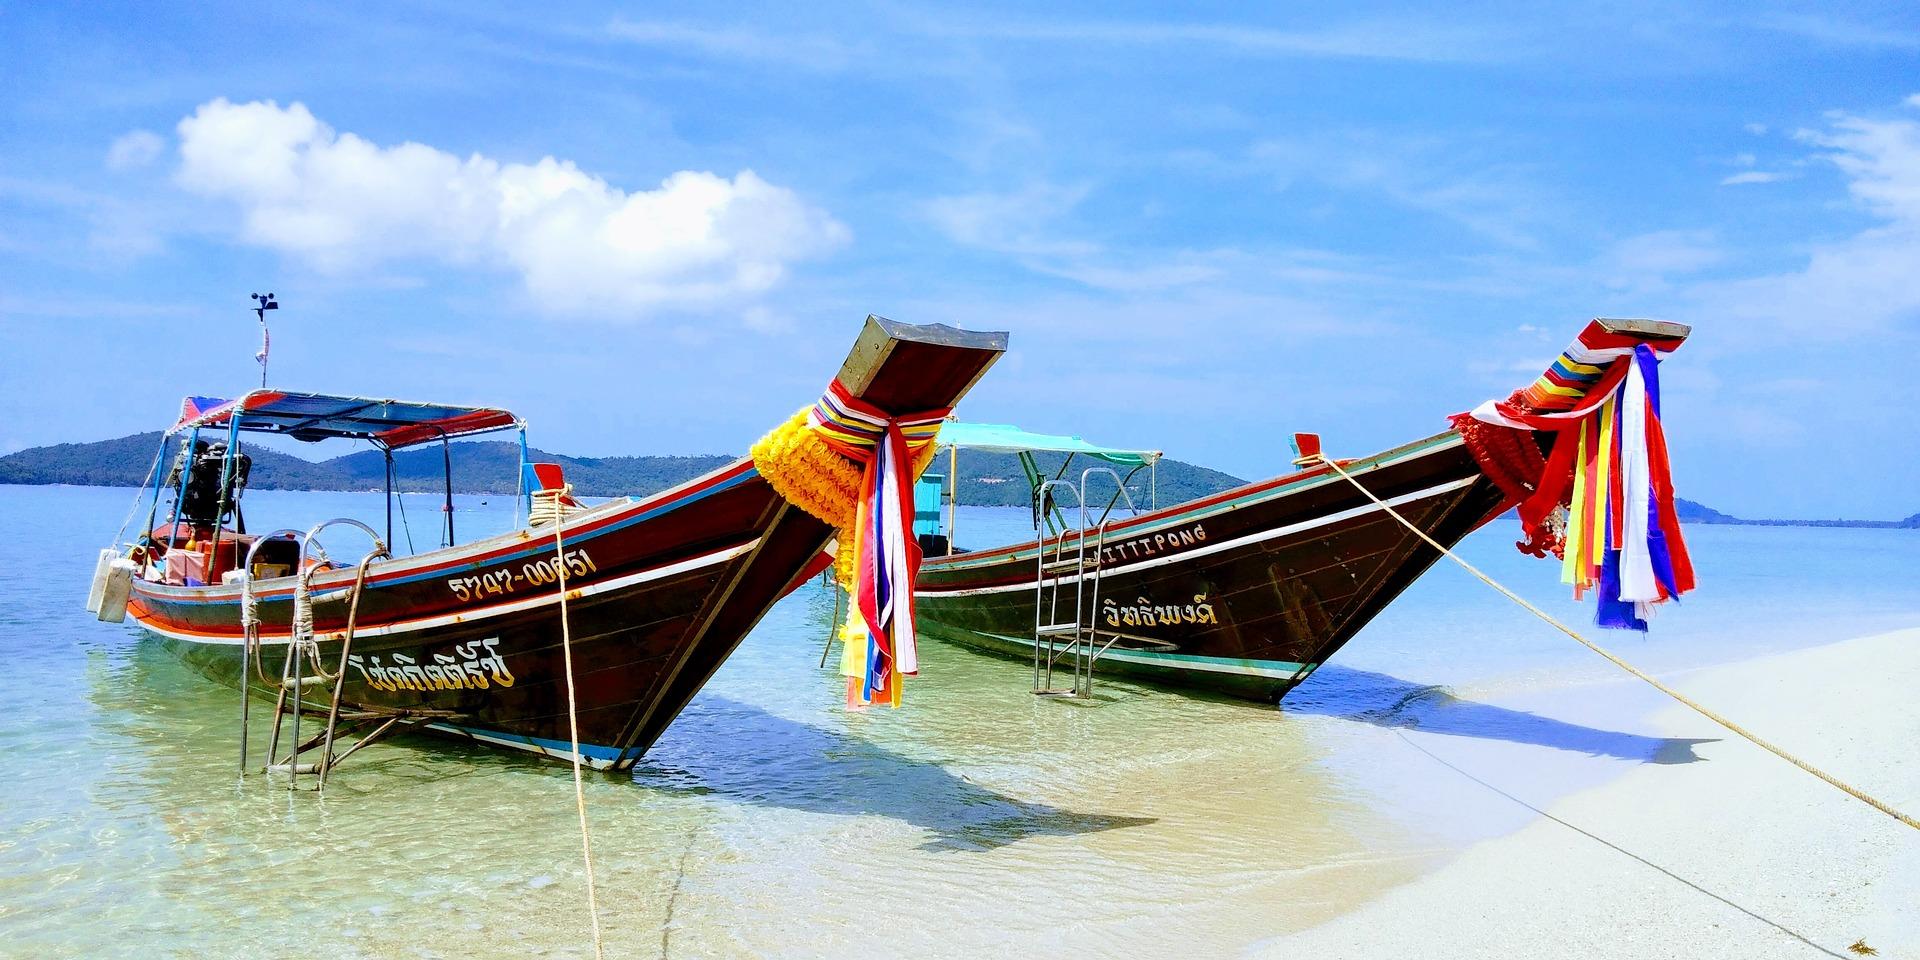 viaggio di gruppo in thailandia